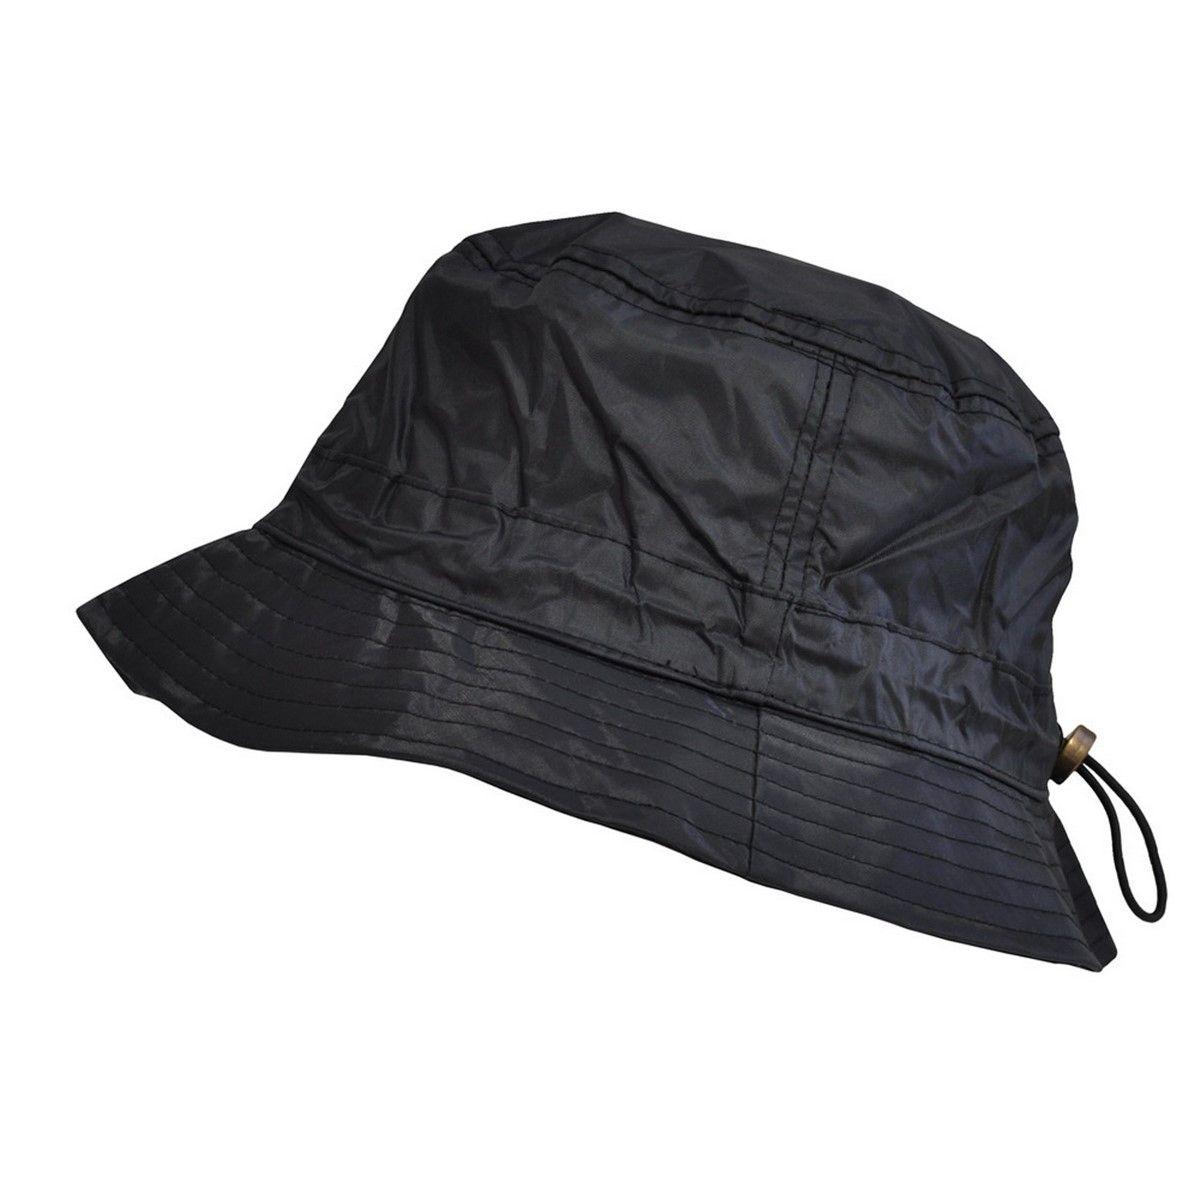 1e2c9407b0d2 TOUTACOO Bob de pluie imperméable en nylon - Ajustable Noir